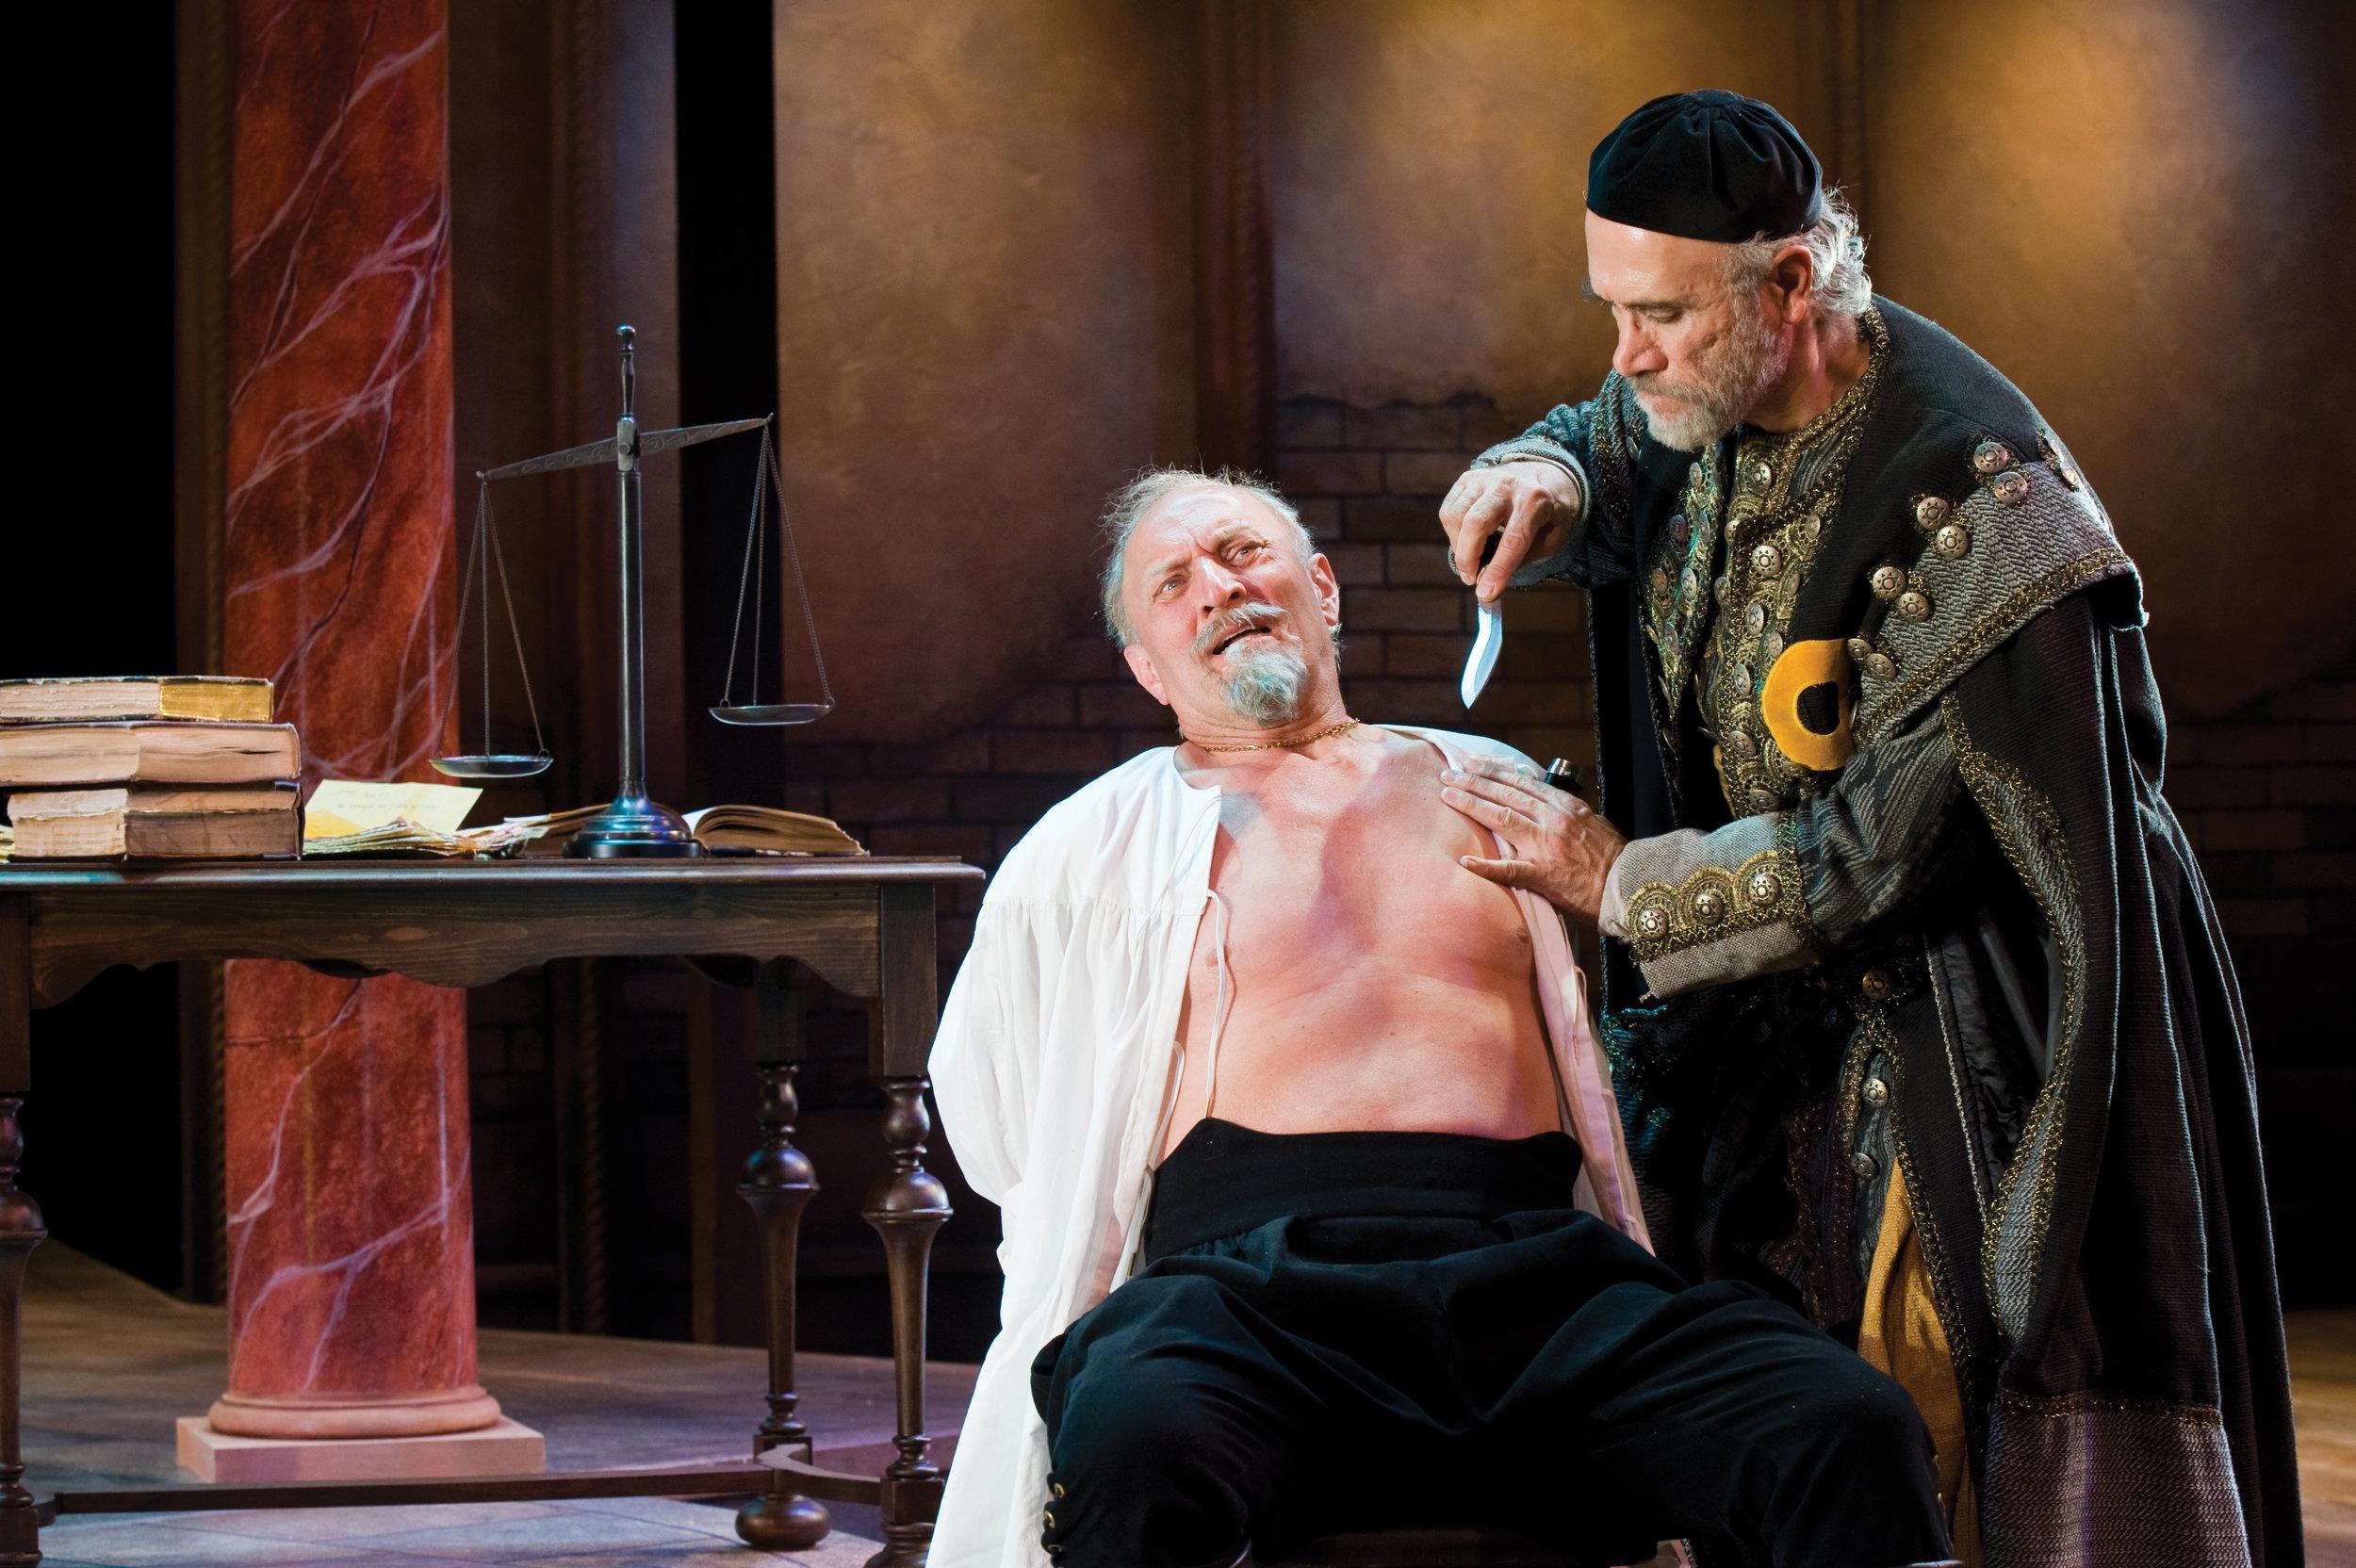 Gary Neal Johnson (left) as Antonio and Tony Amendola as Shylock in  The Merchant of Venice,  2010.